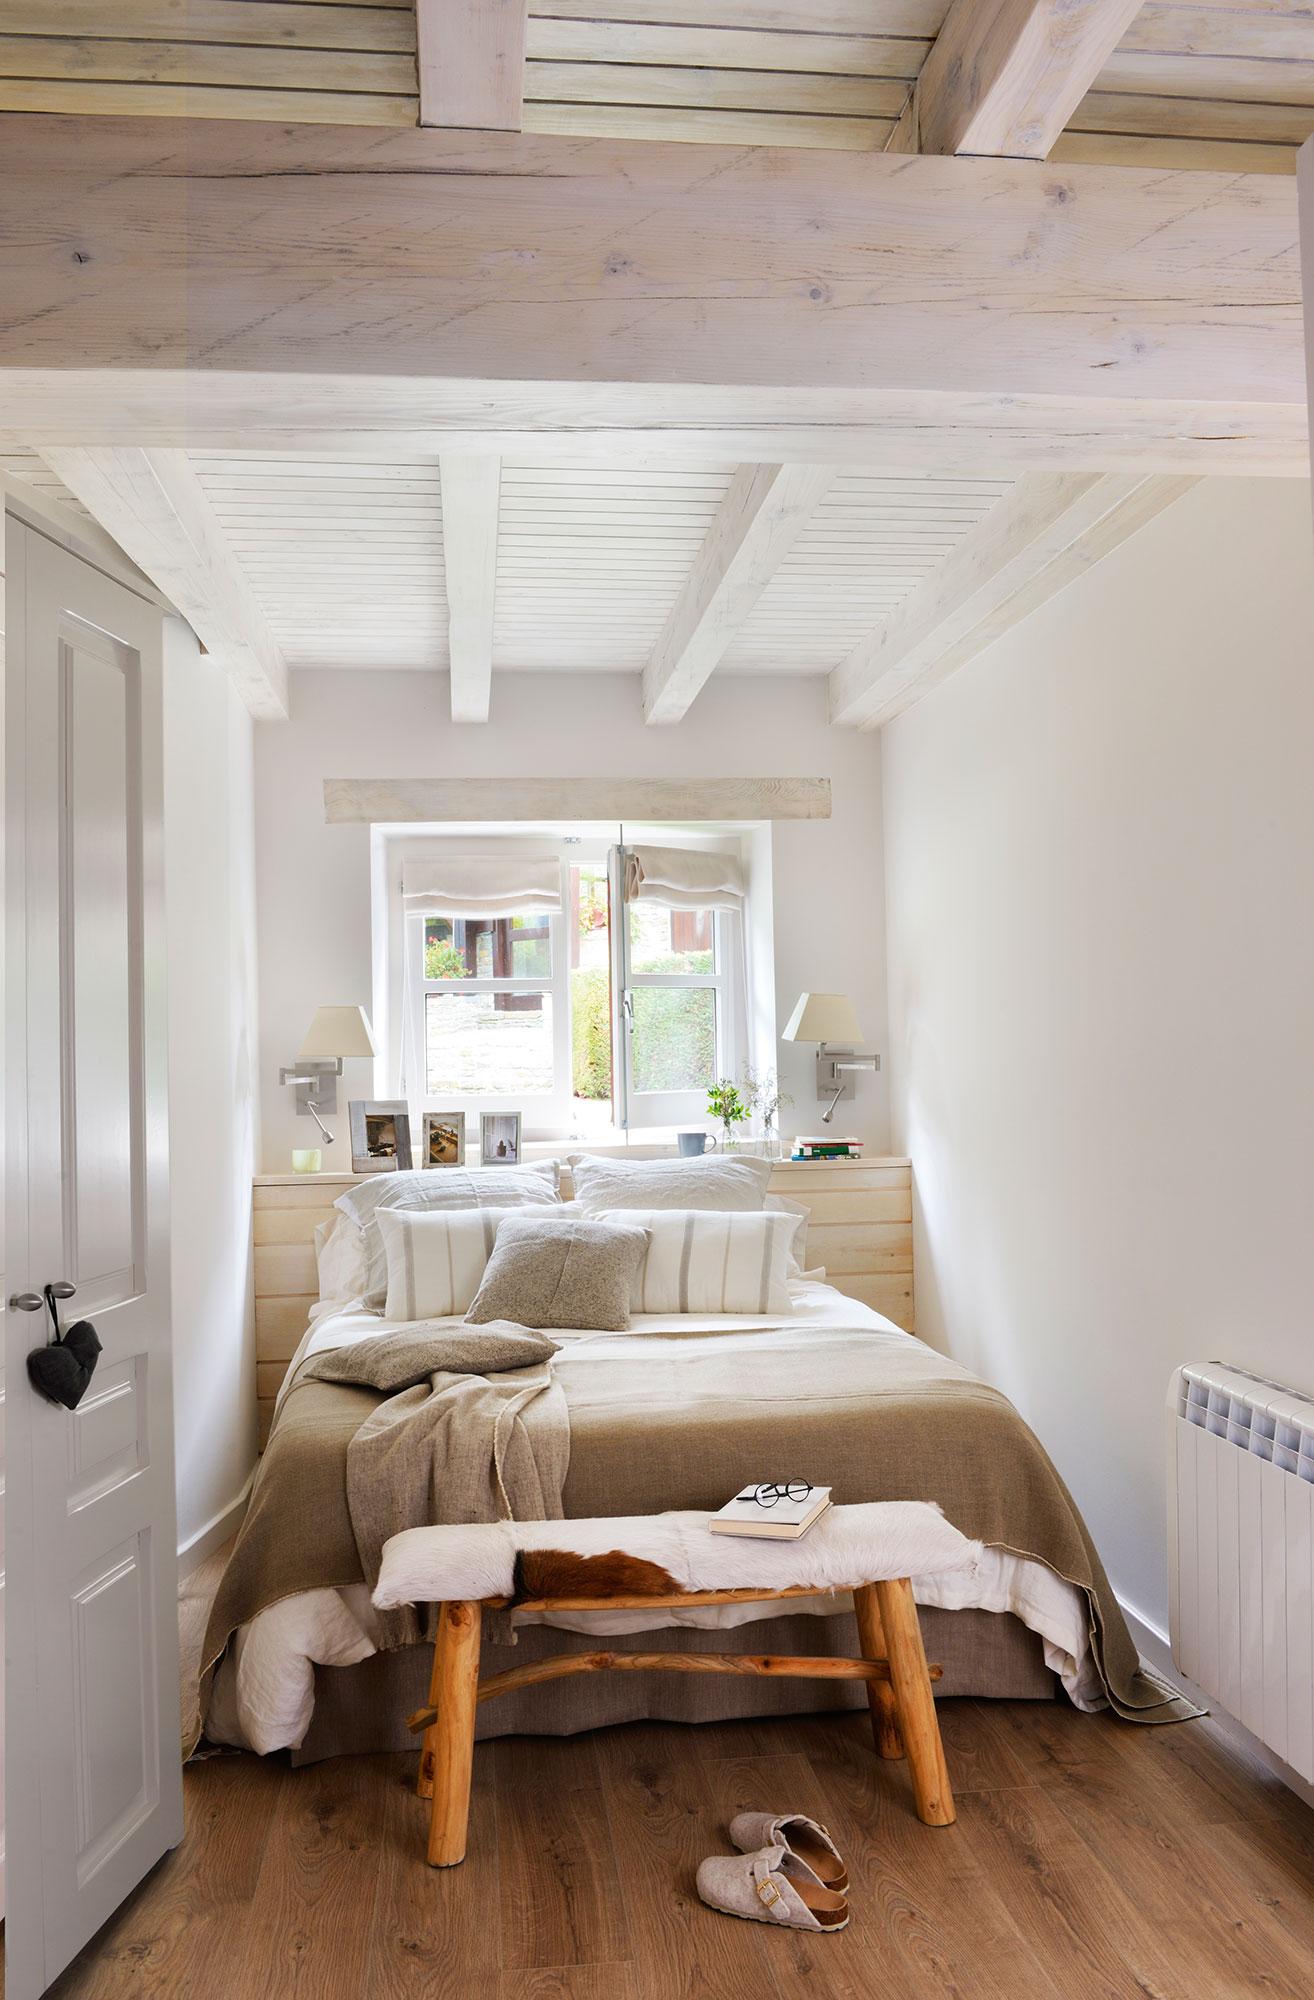 Dormitorio c mo decorarlo y aprovecharlo mejor seg n los - Decoracion de dormitorios pequenos ...